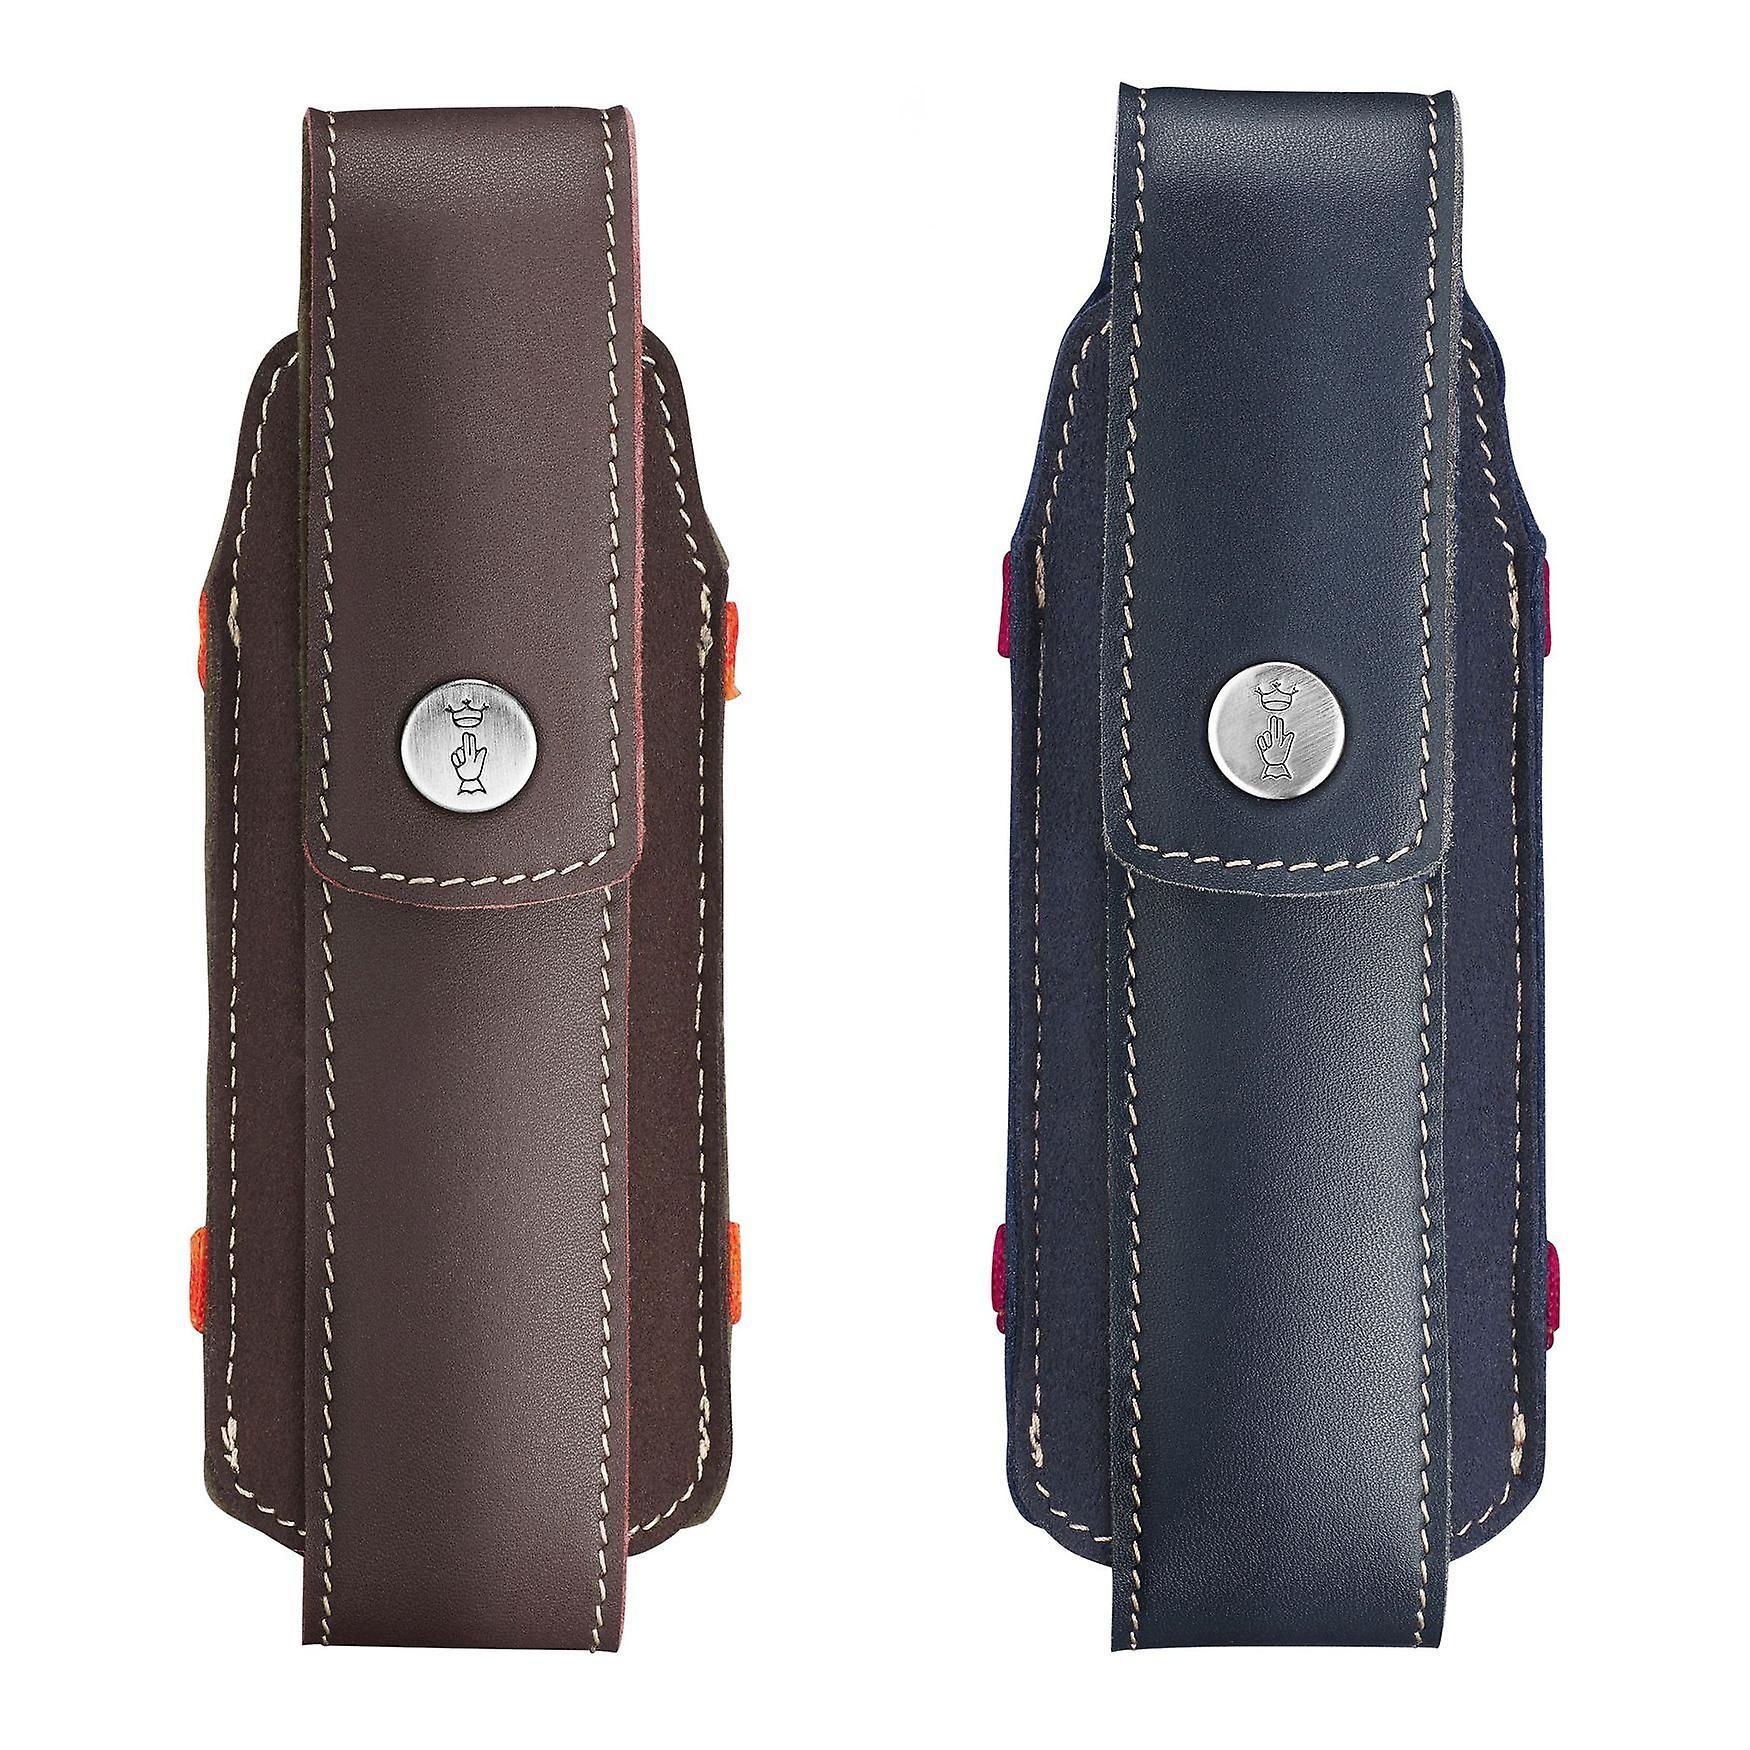 بالهواء الطلق غمد-الحقائب للسكاكين بينبيل + مناشير-احجام مختلفه ألوان